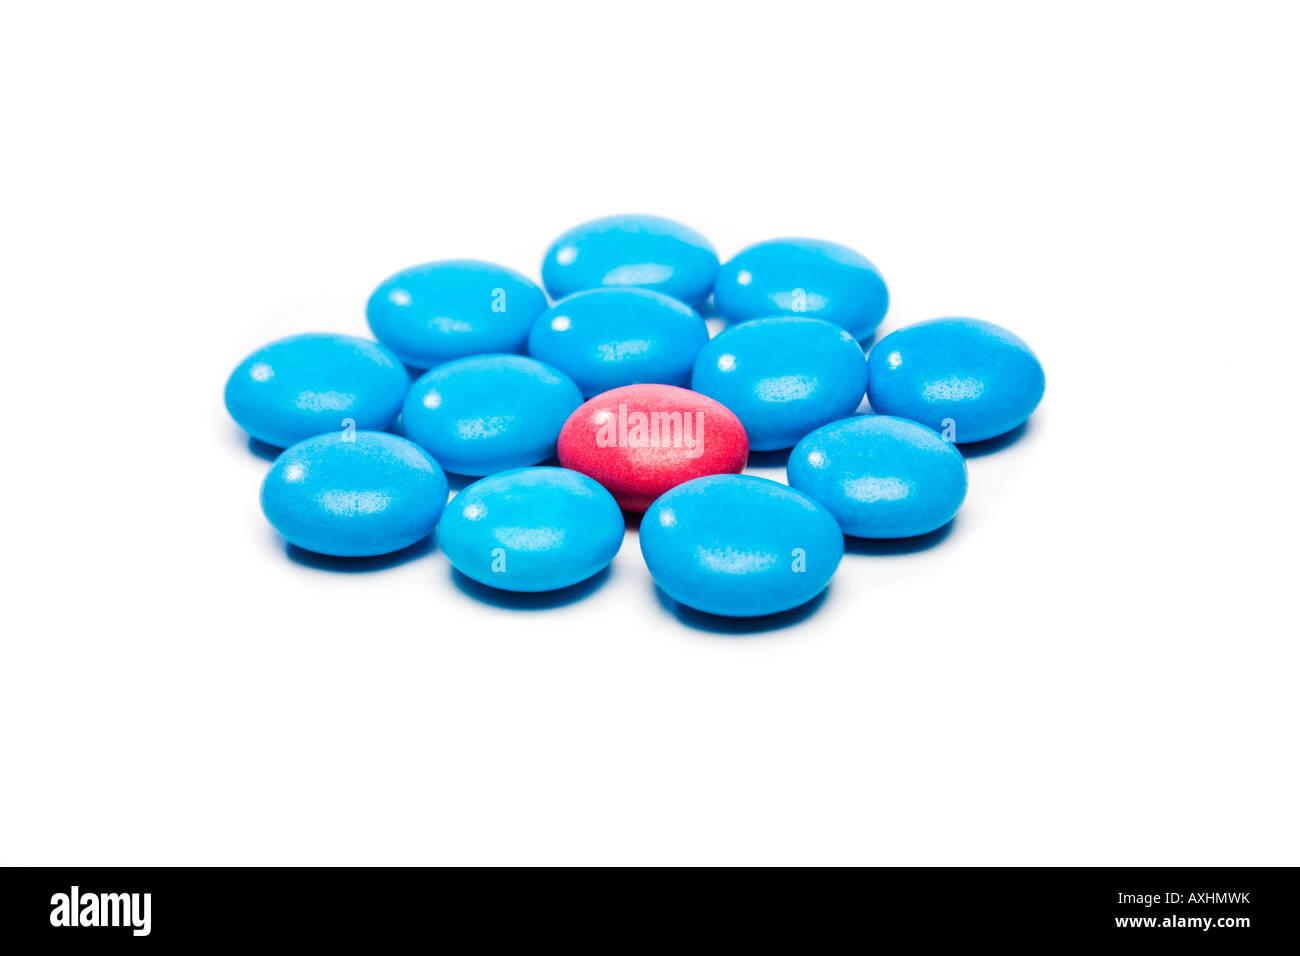 Candy Color utilizado para mostrar el concepto de la protección, la inclusión o la individualidad Imagen De Stock